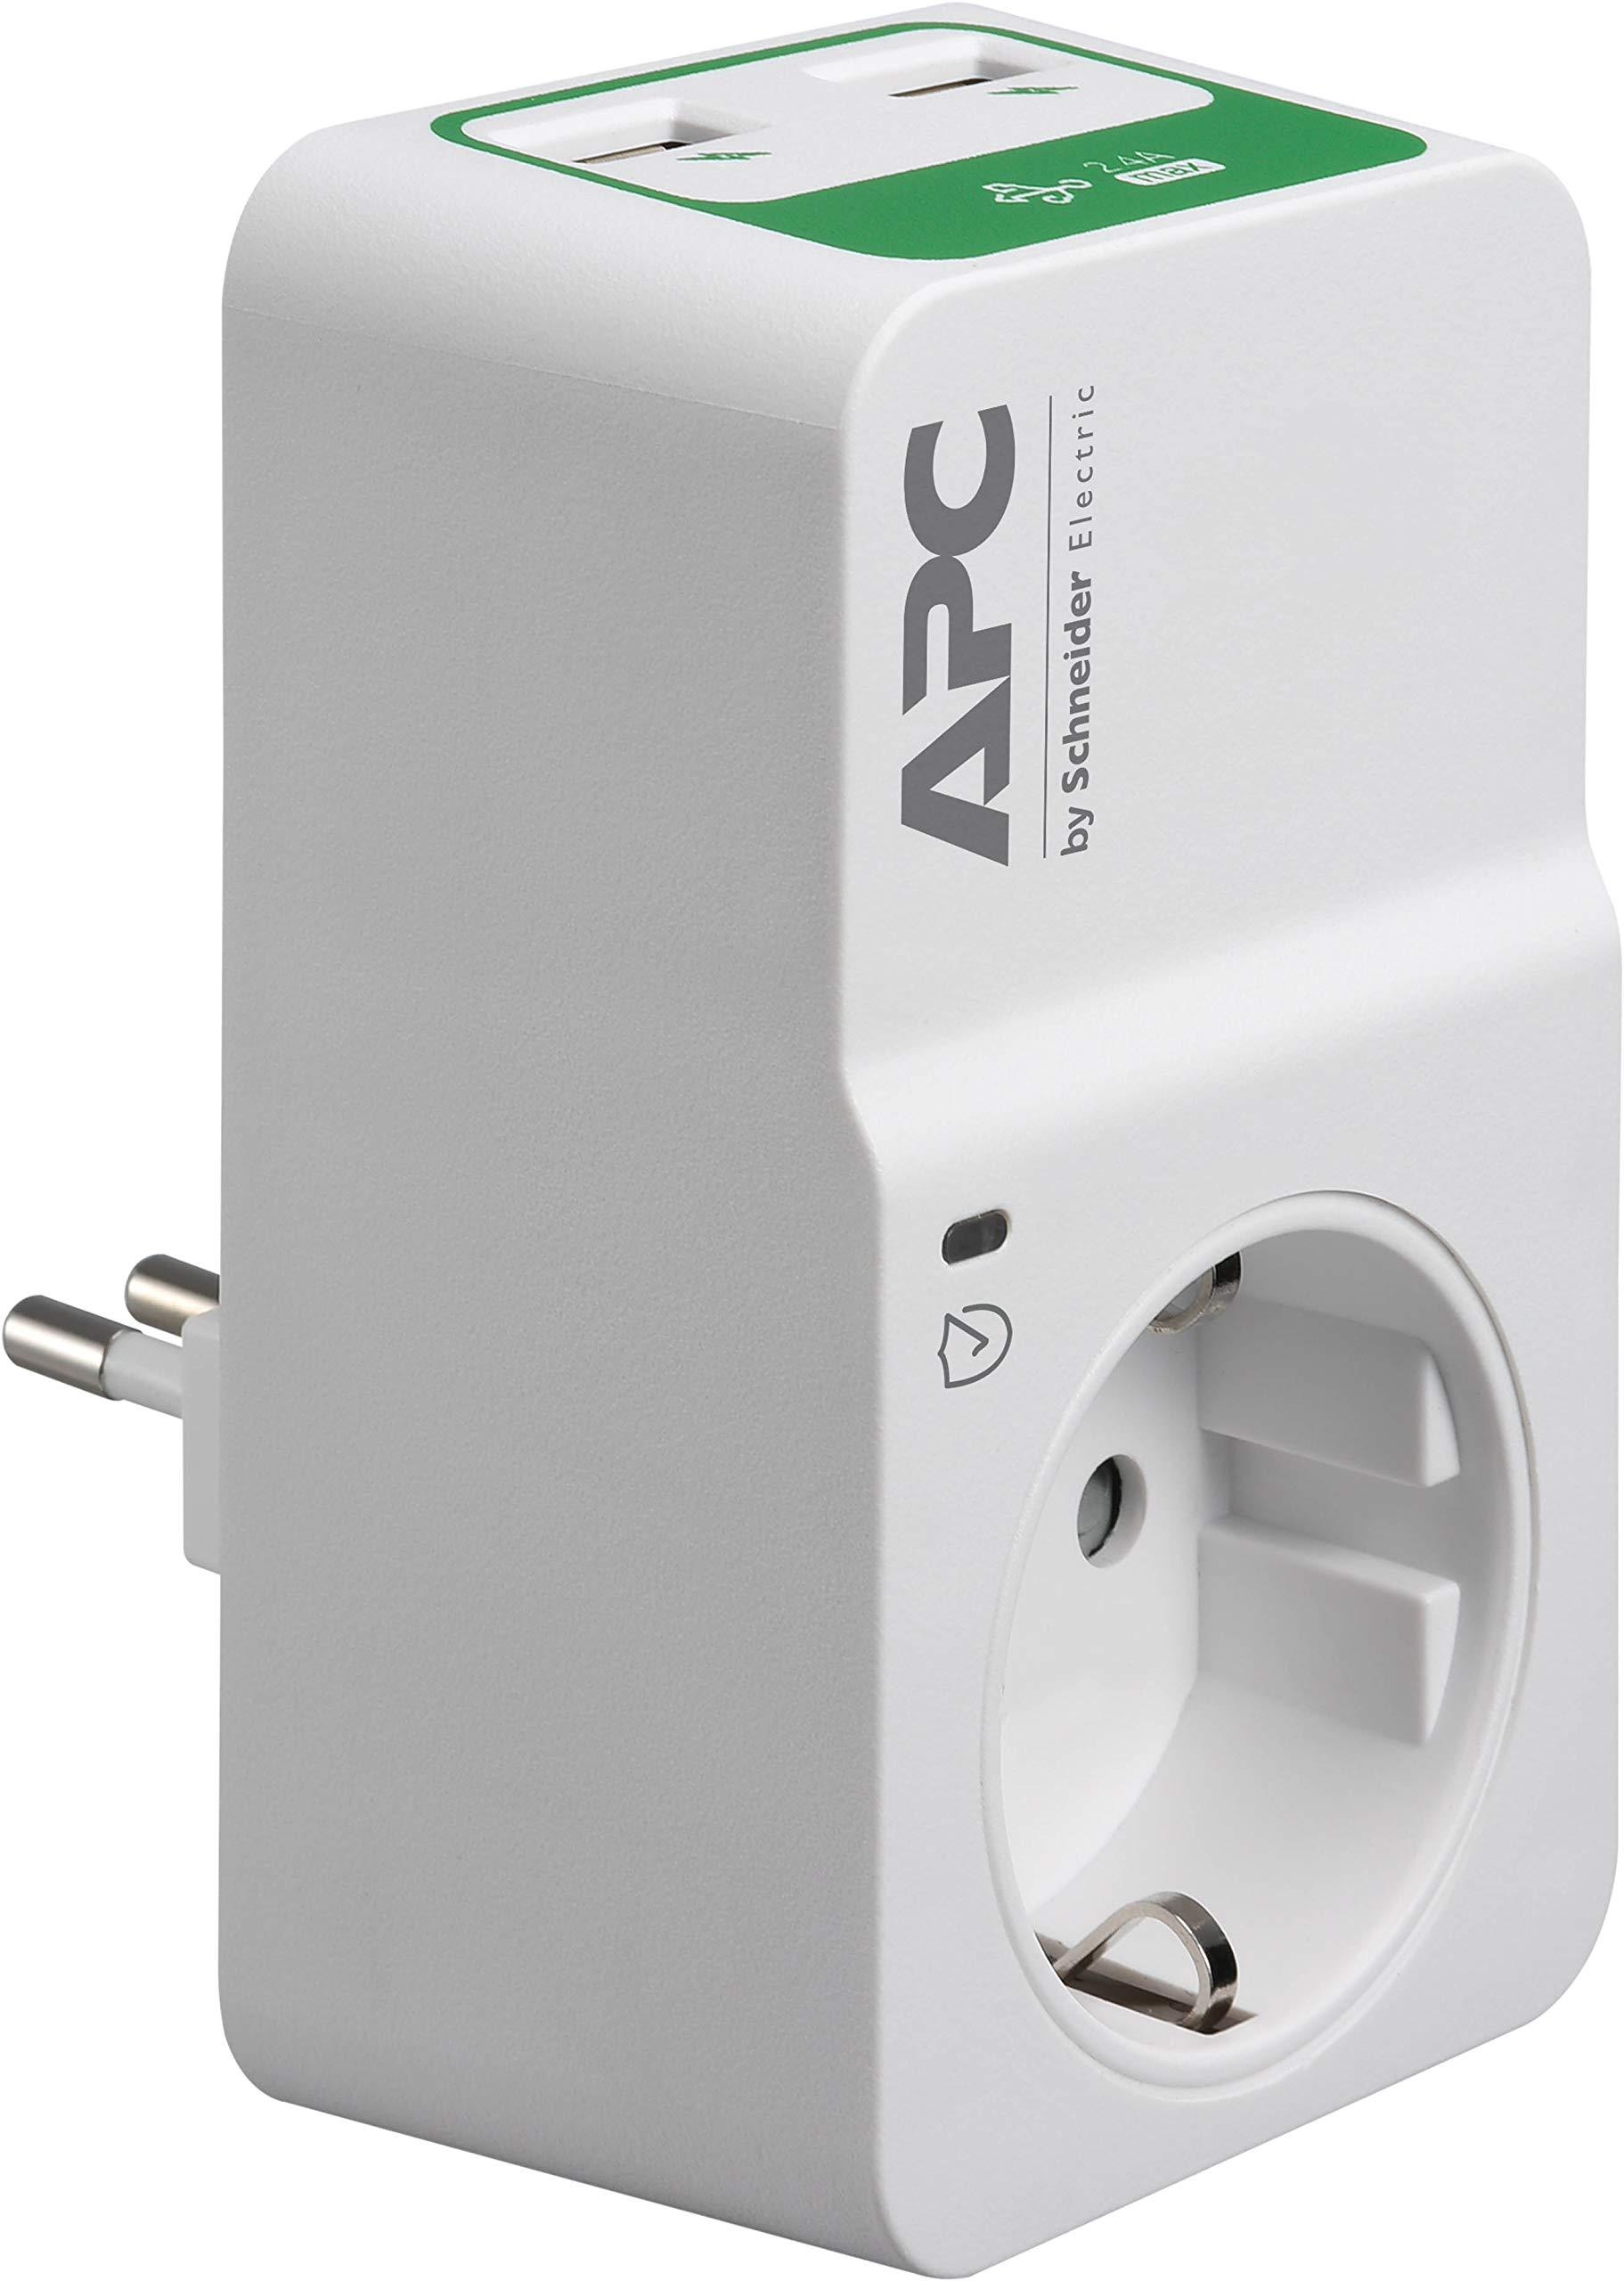 APC-by-Schneider-Electric-PMF83VT-IT-Performance-Surge-Arrest-Presa-Filtrata-8-Uscite-Schuko-Italiane-Protezione-Linea-Video-Coassiale-e-Telefonica